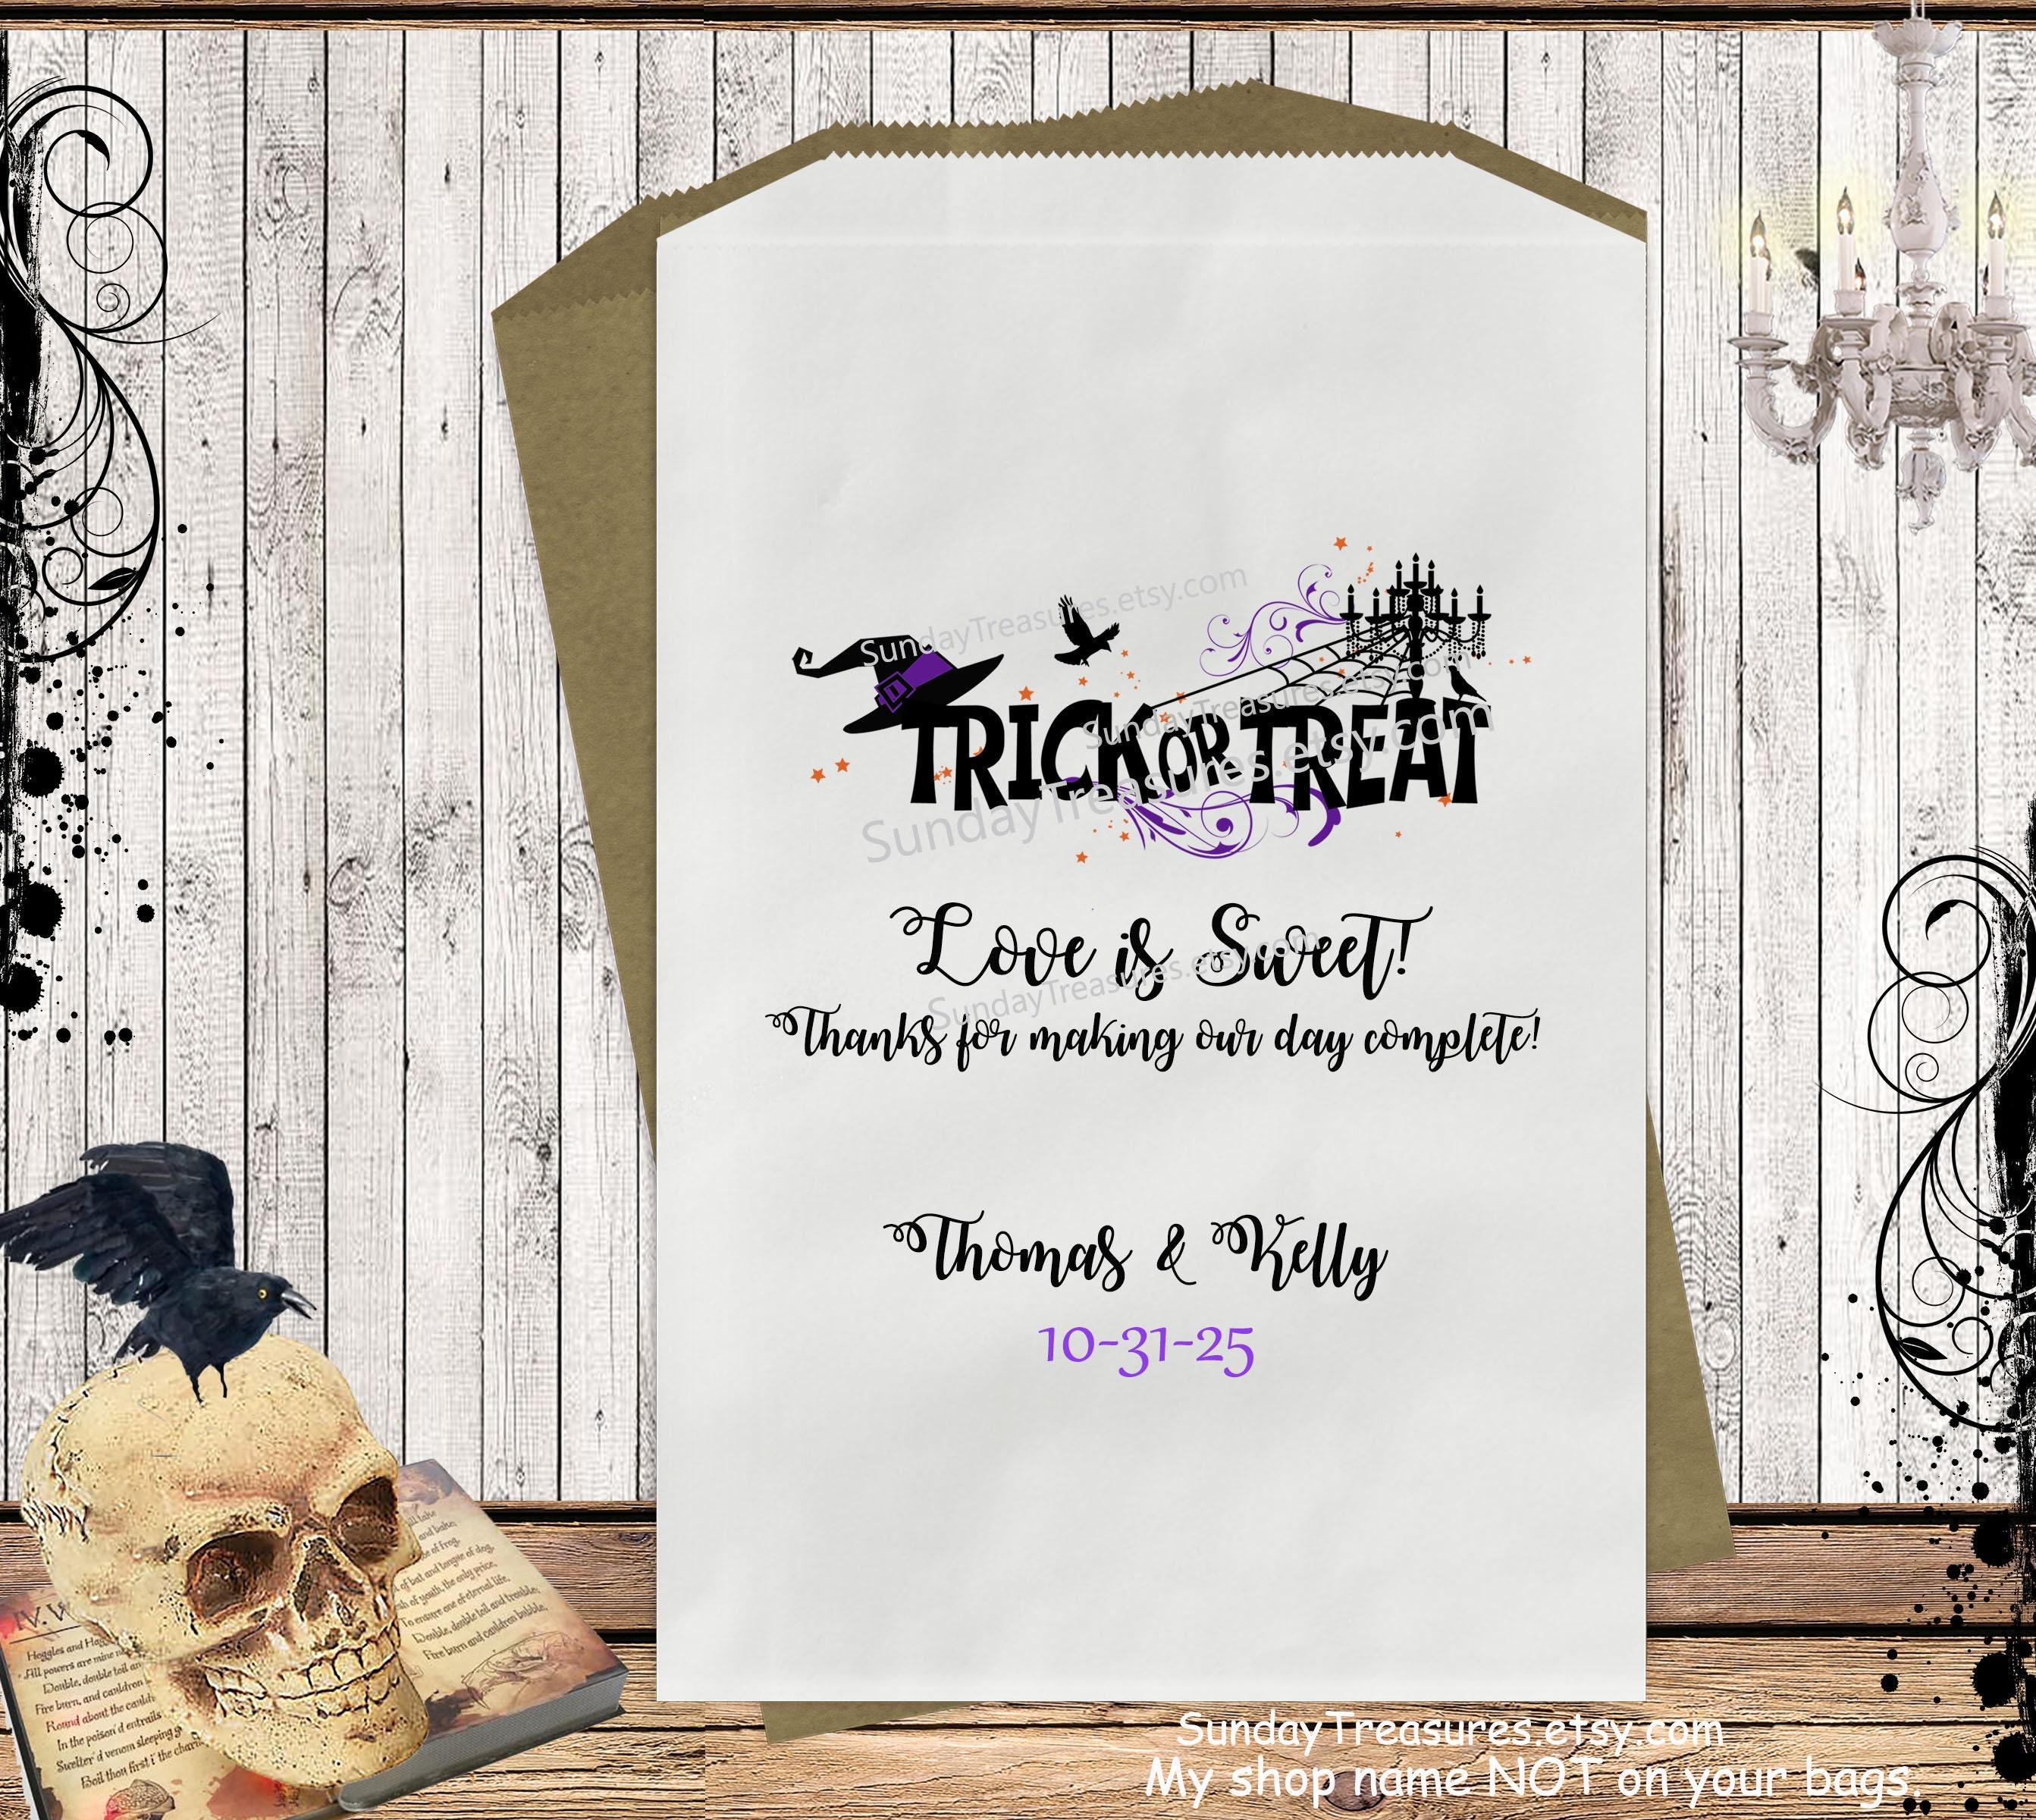 Halloween Wedding Gift Ideas: QTY 30 Halloween Wedding Candy Buffet Favor Gift Bags